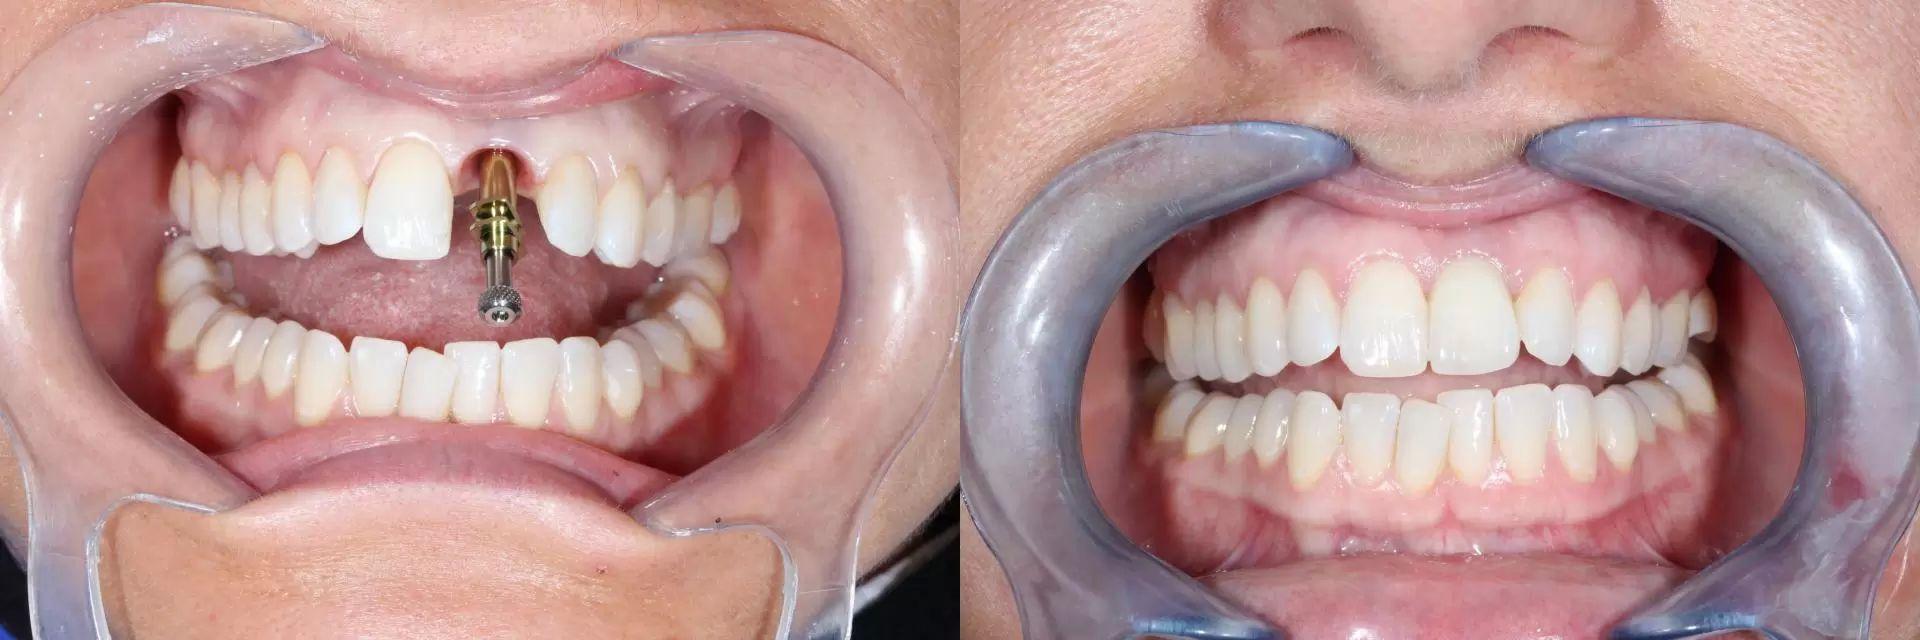 zubni implantaty 5